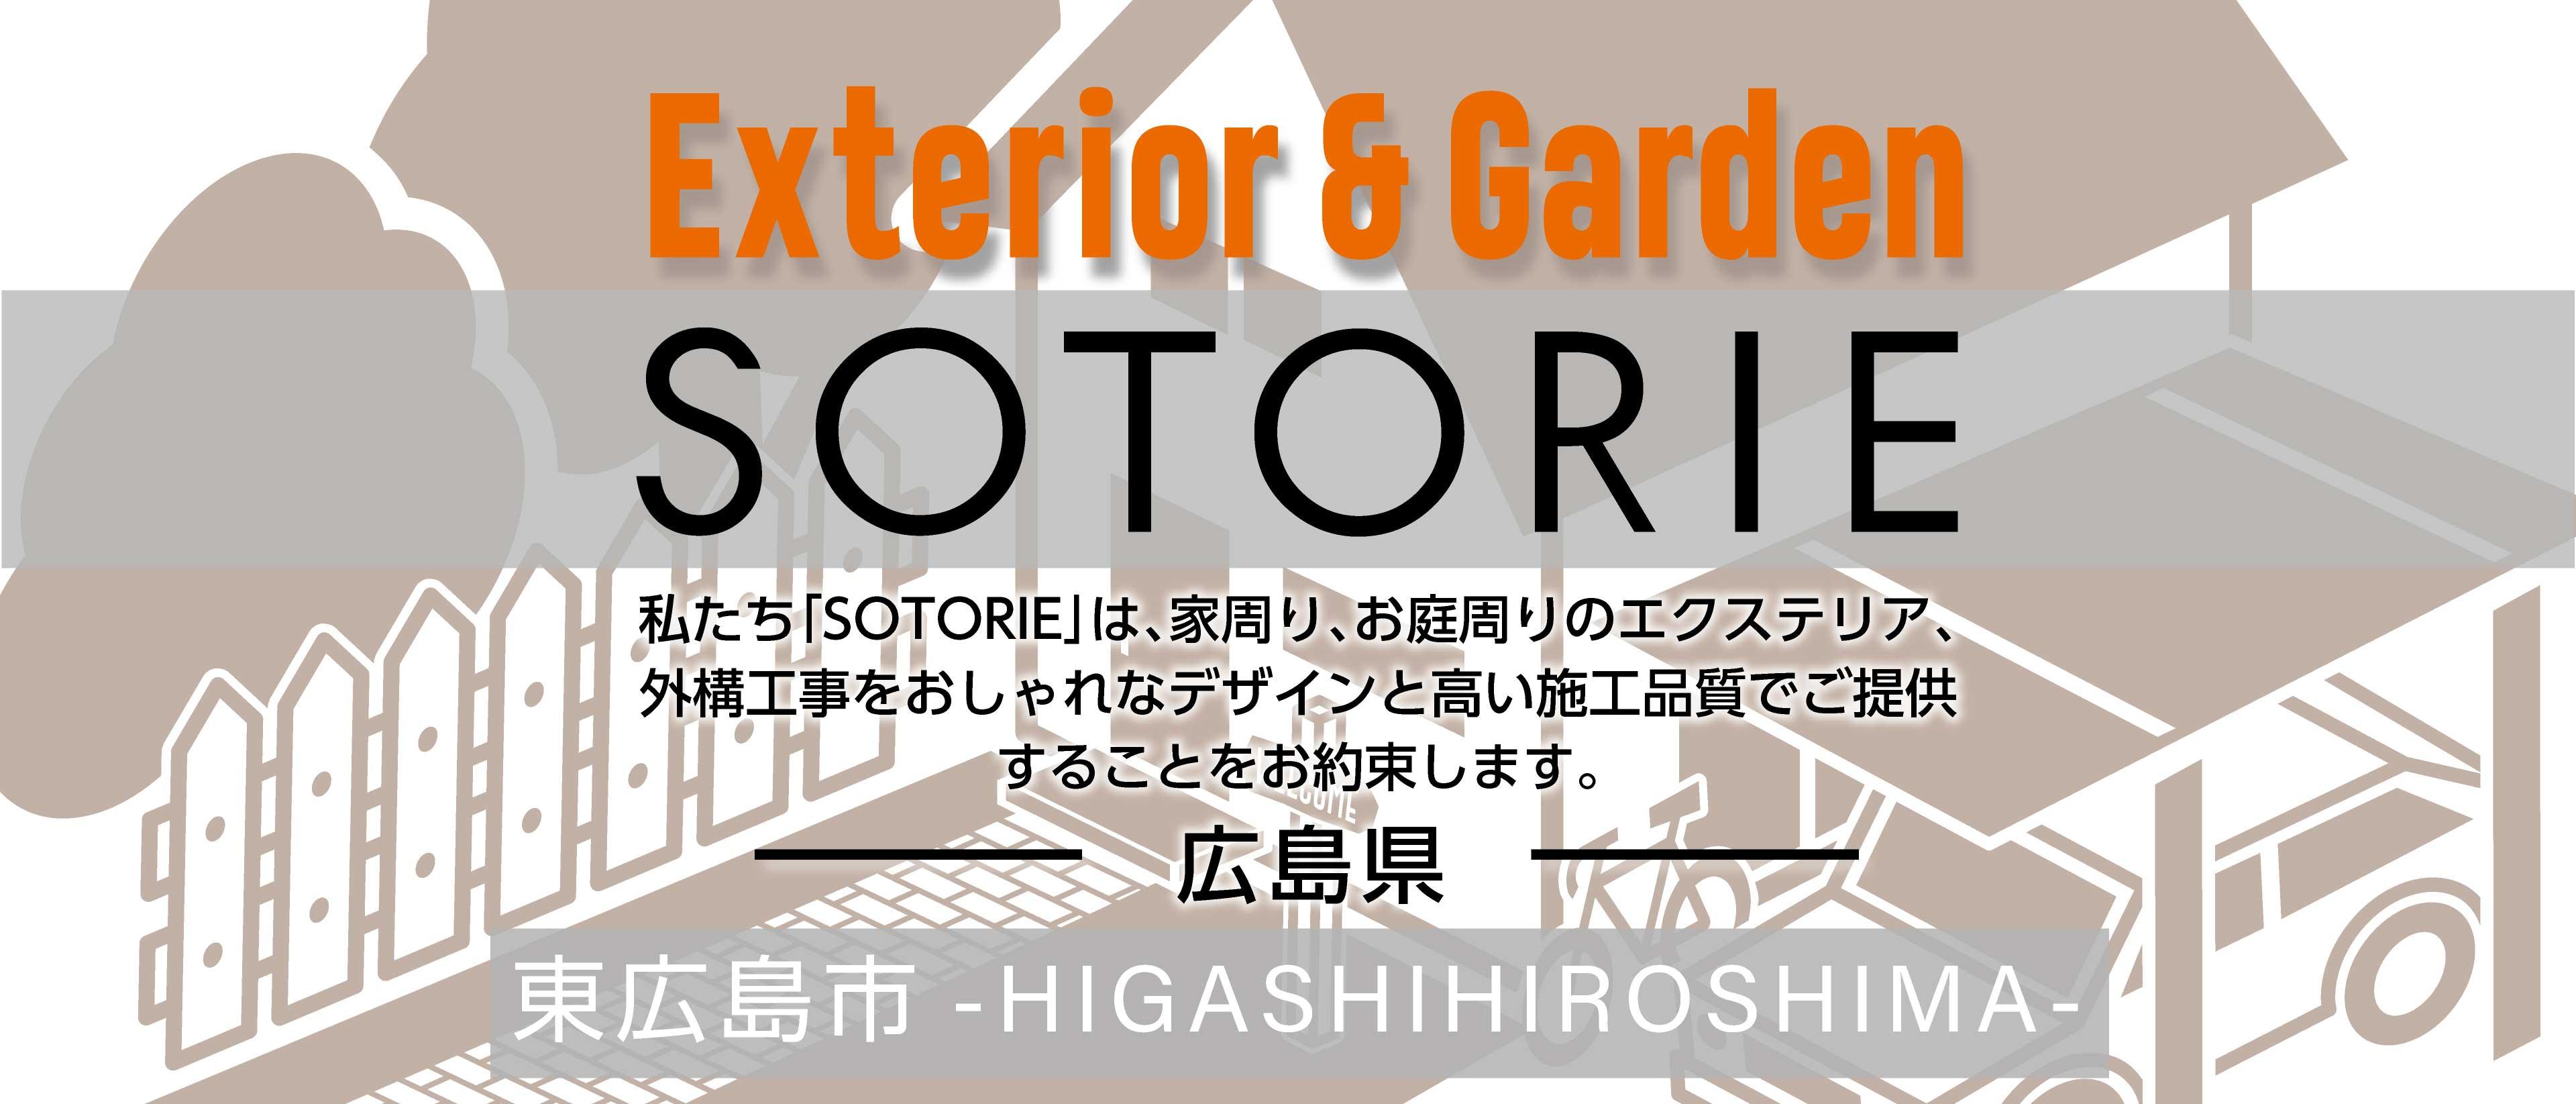 ソトリエ東広島市では、家周りと庭周りの外構、エクステリア工事をおしゃれなデザインと高い施工品質でご提供することをお約束します。